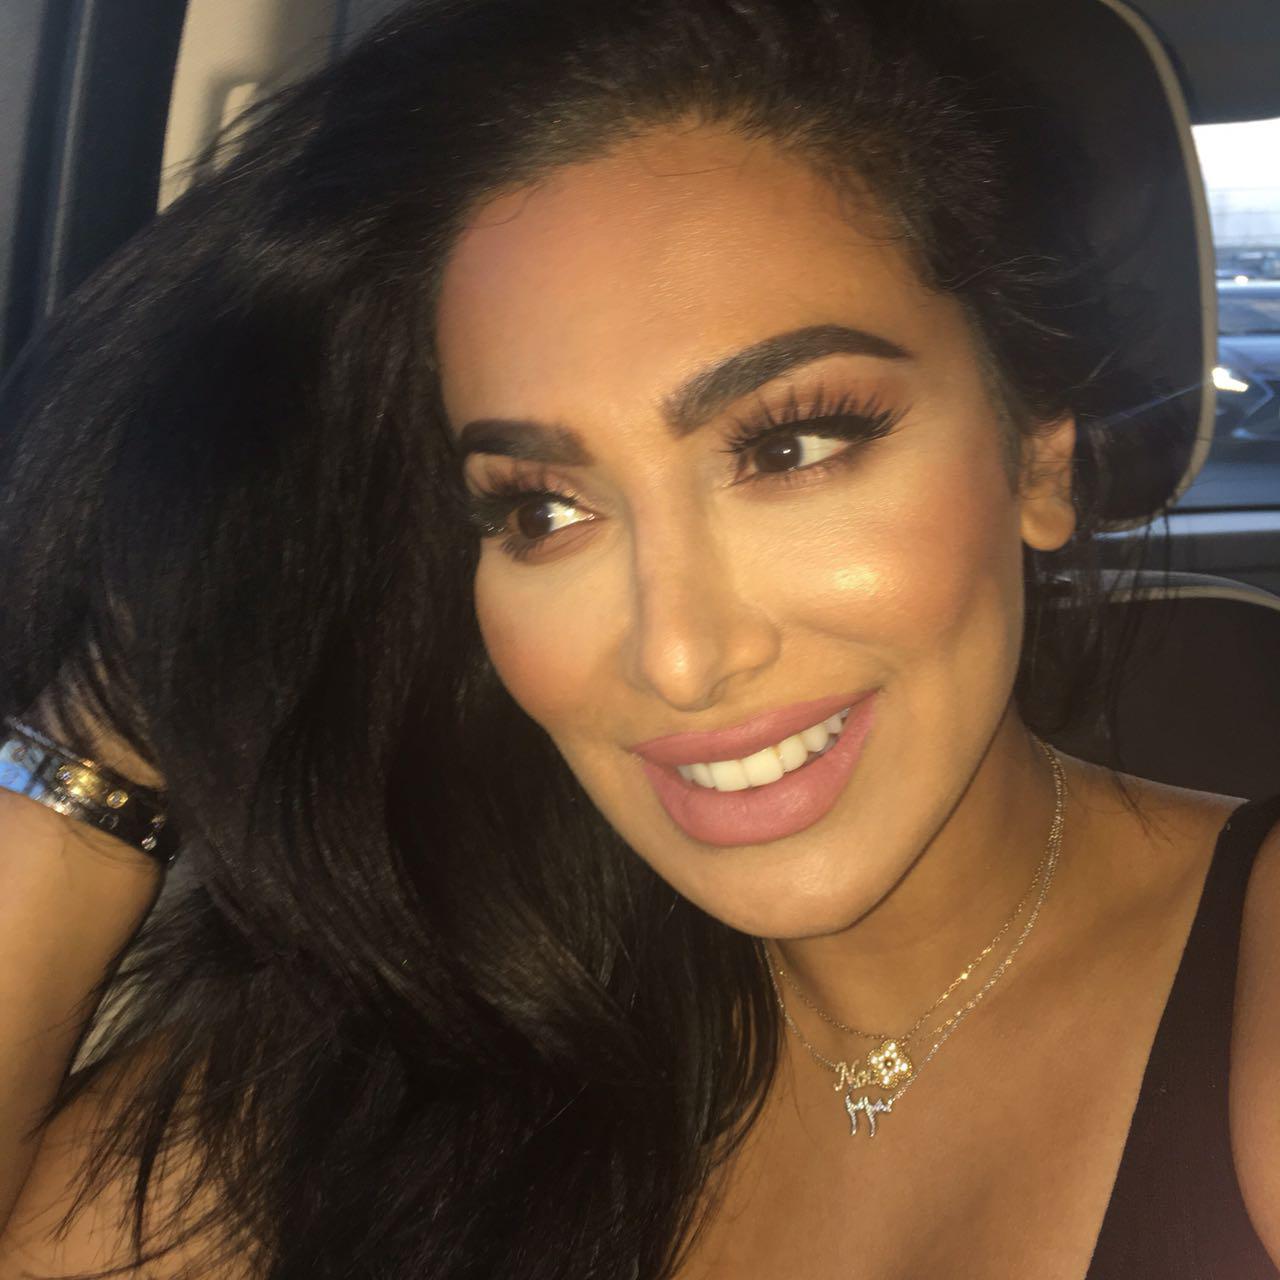 Huda Kattan Porefessional makeup